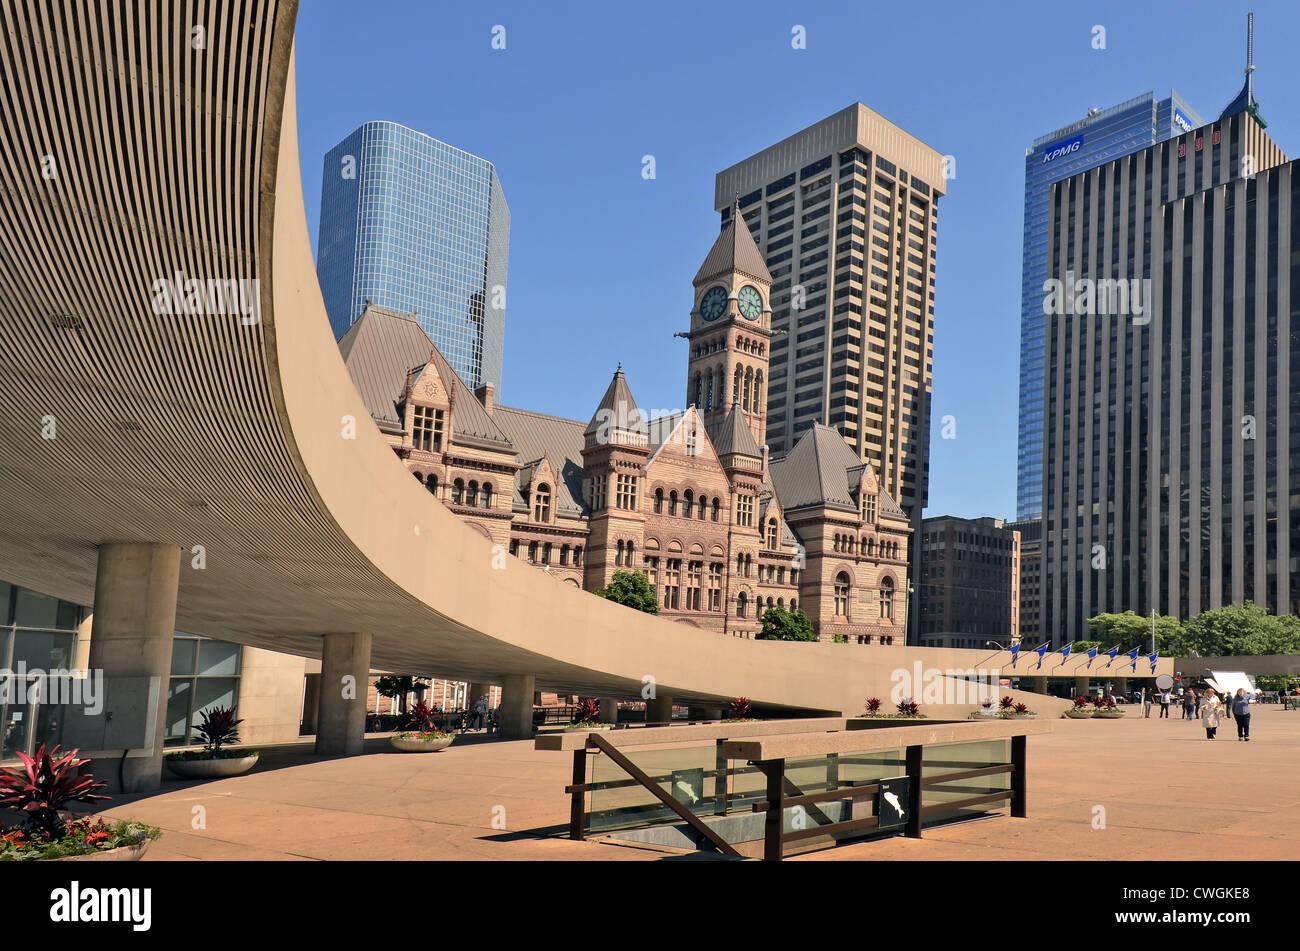 El Antiguo Ayuntamiento, visto desde la plaza Nathan Phillips, Toronto, Ontario, Canadá. Imagen De Stock